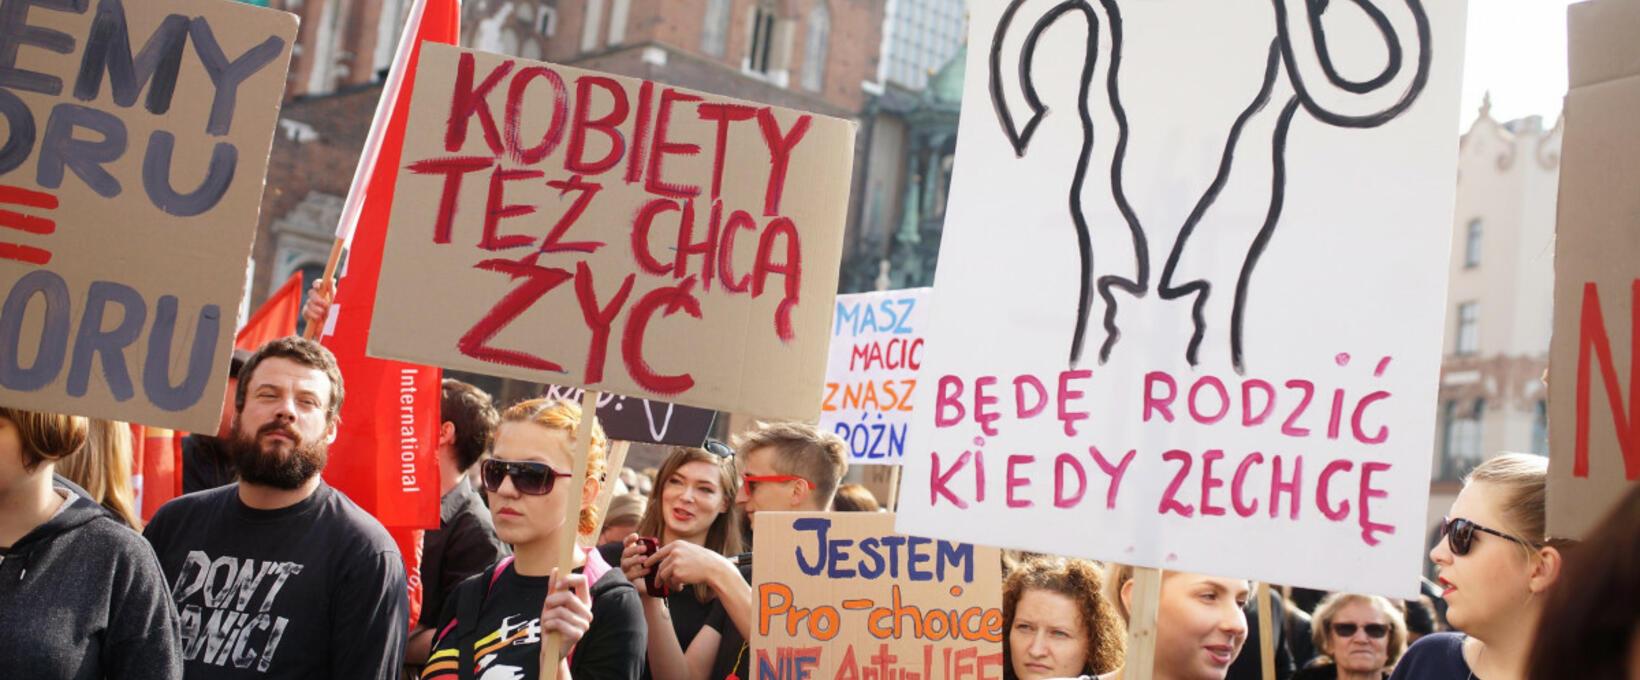 Spór o aborcję w Polsce. Historia praw i zakazów w pigułce